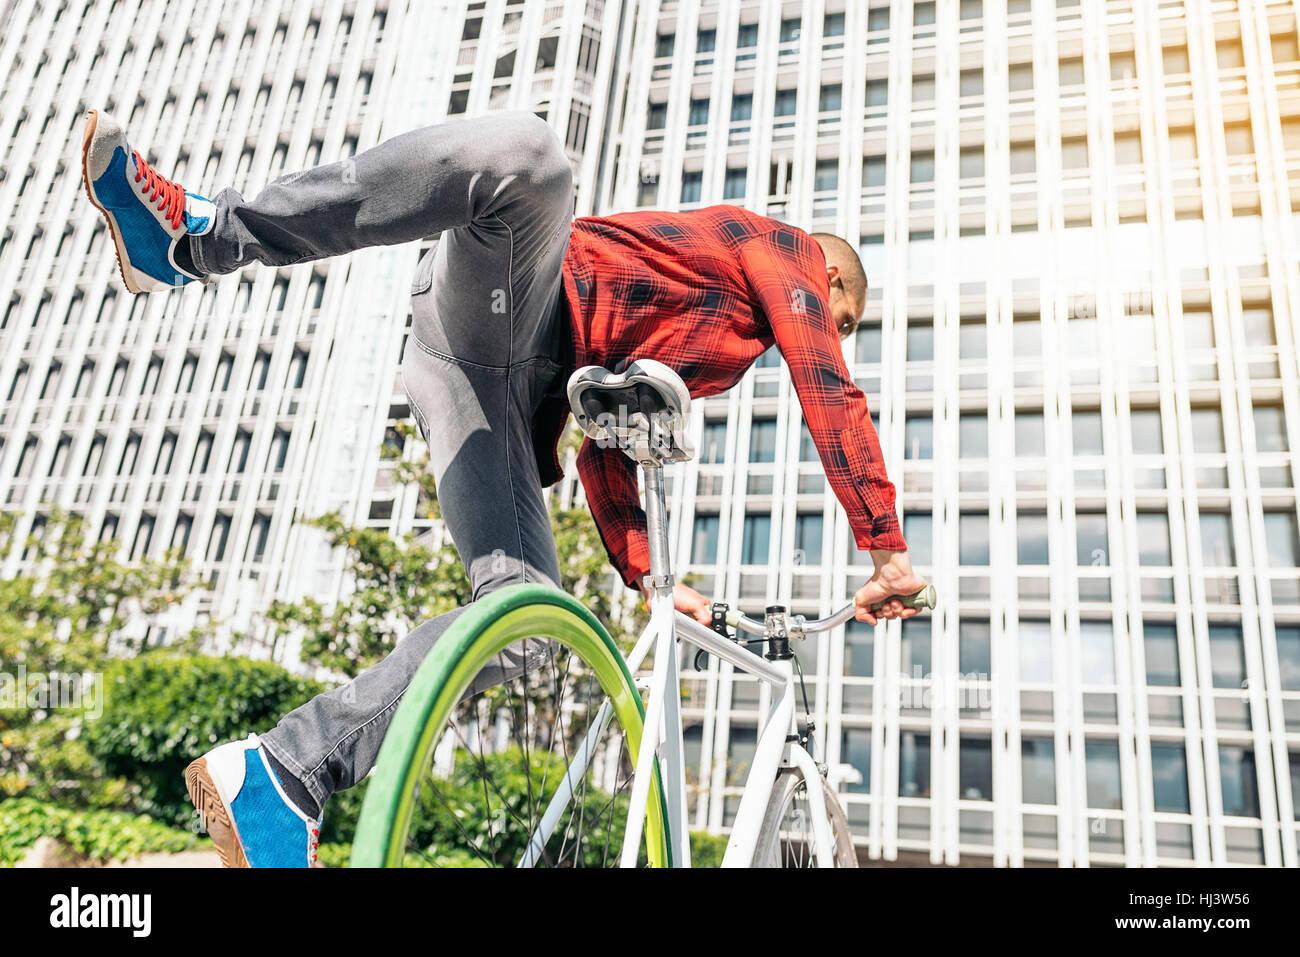 Bel giovane in bicicletta in città. Concetto di bicicletta Foto Stock